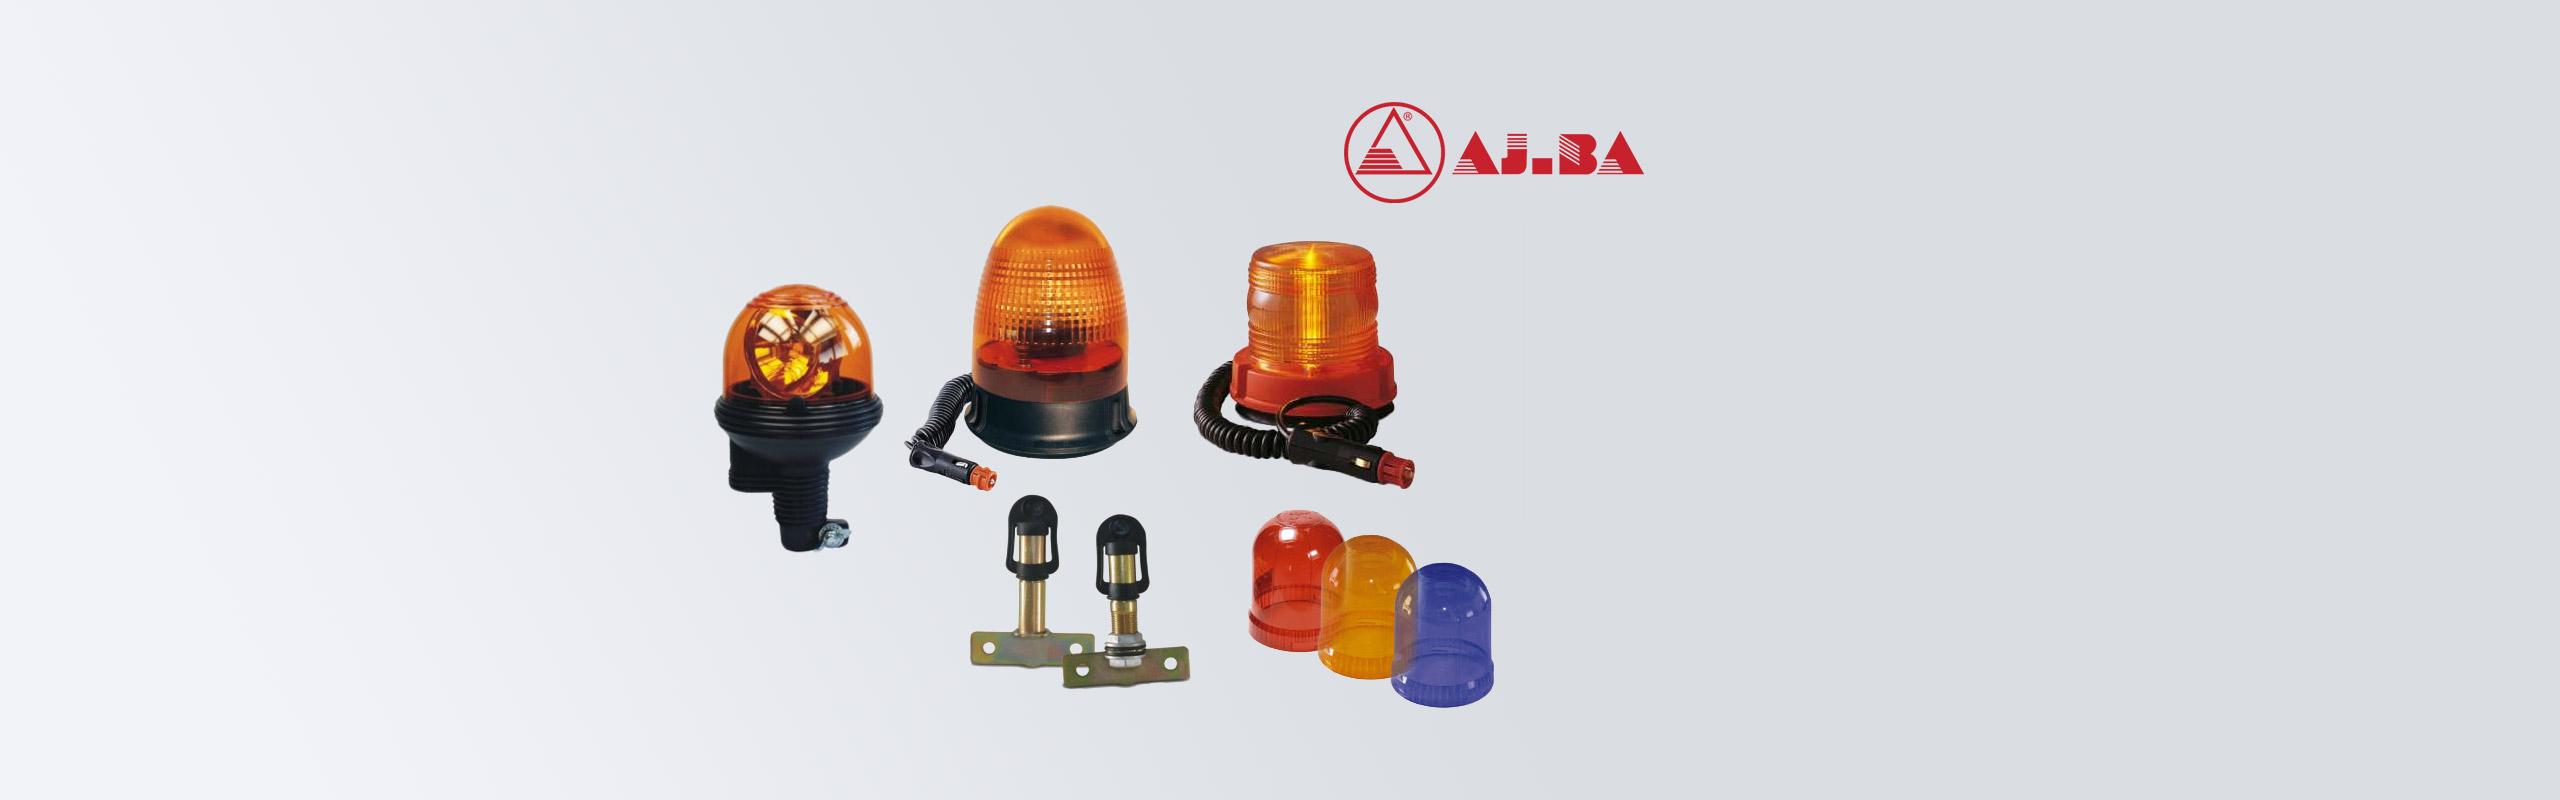 AJ-BA-slider